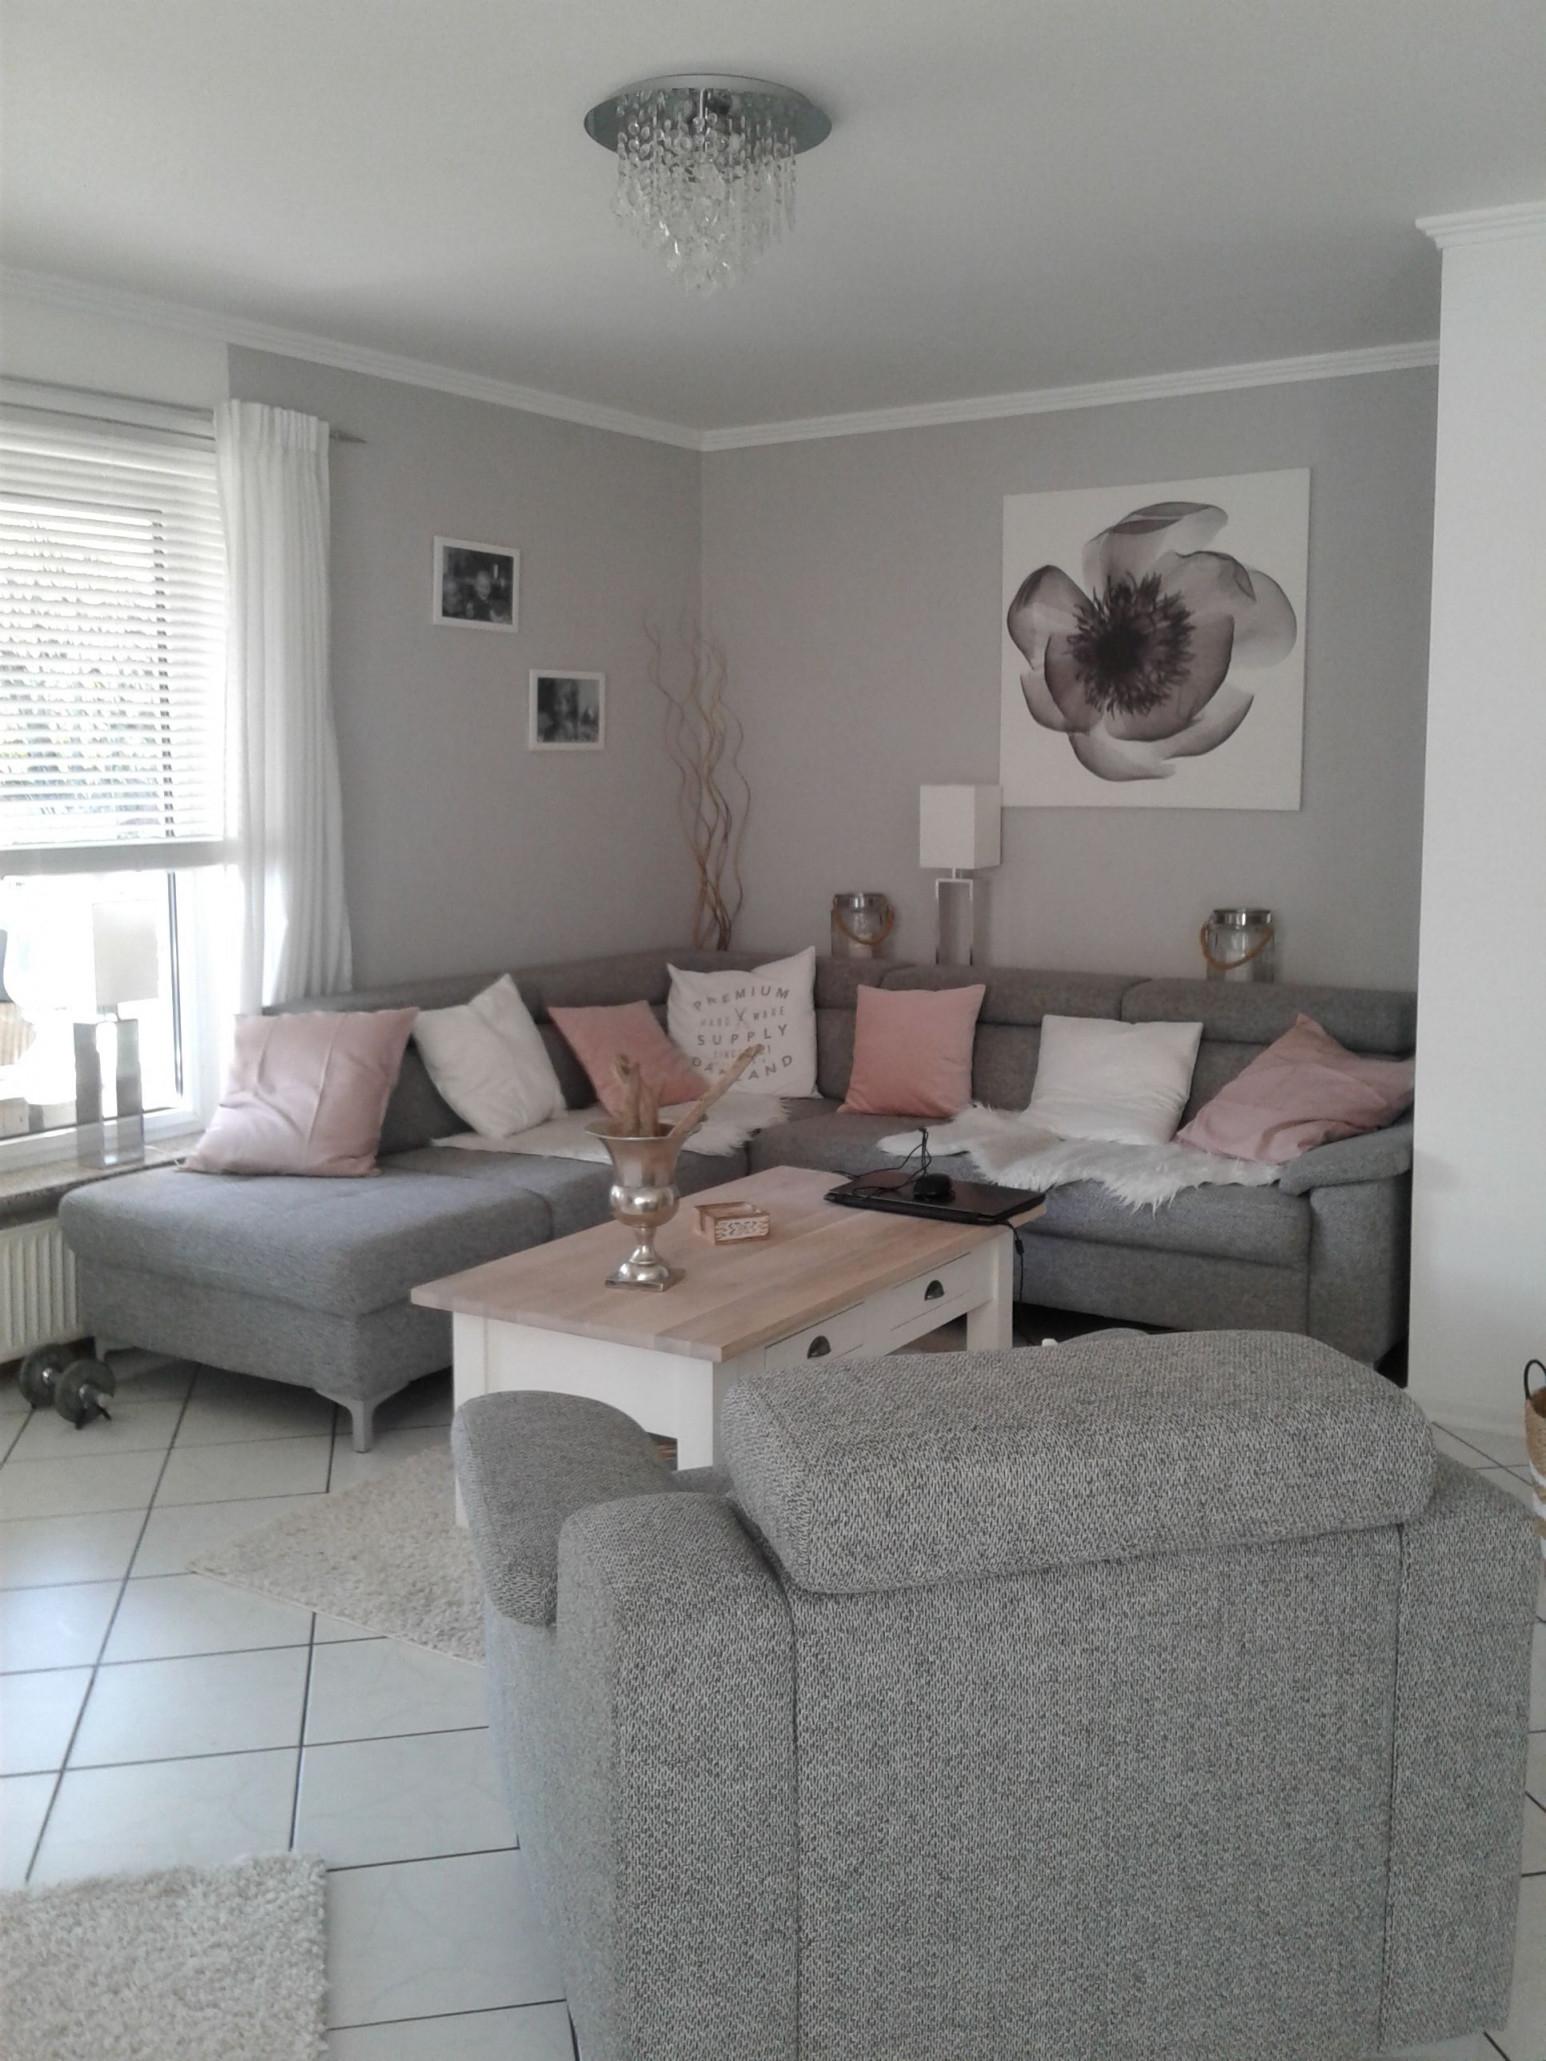 Wohnzimmer In Grau Weiß Und Farbtupfer In Matt Rosa von Wohnzimmer Gestalten Grau Weiss Bild